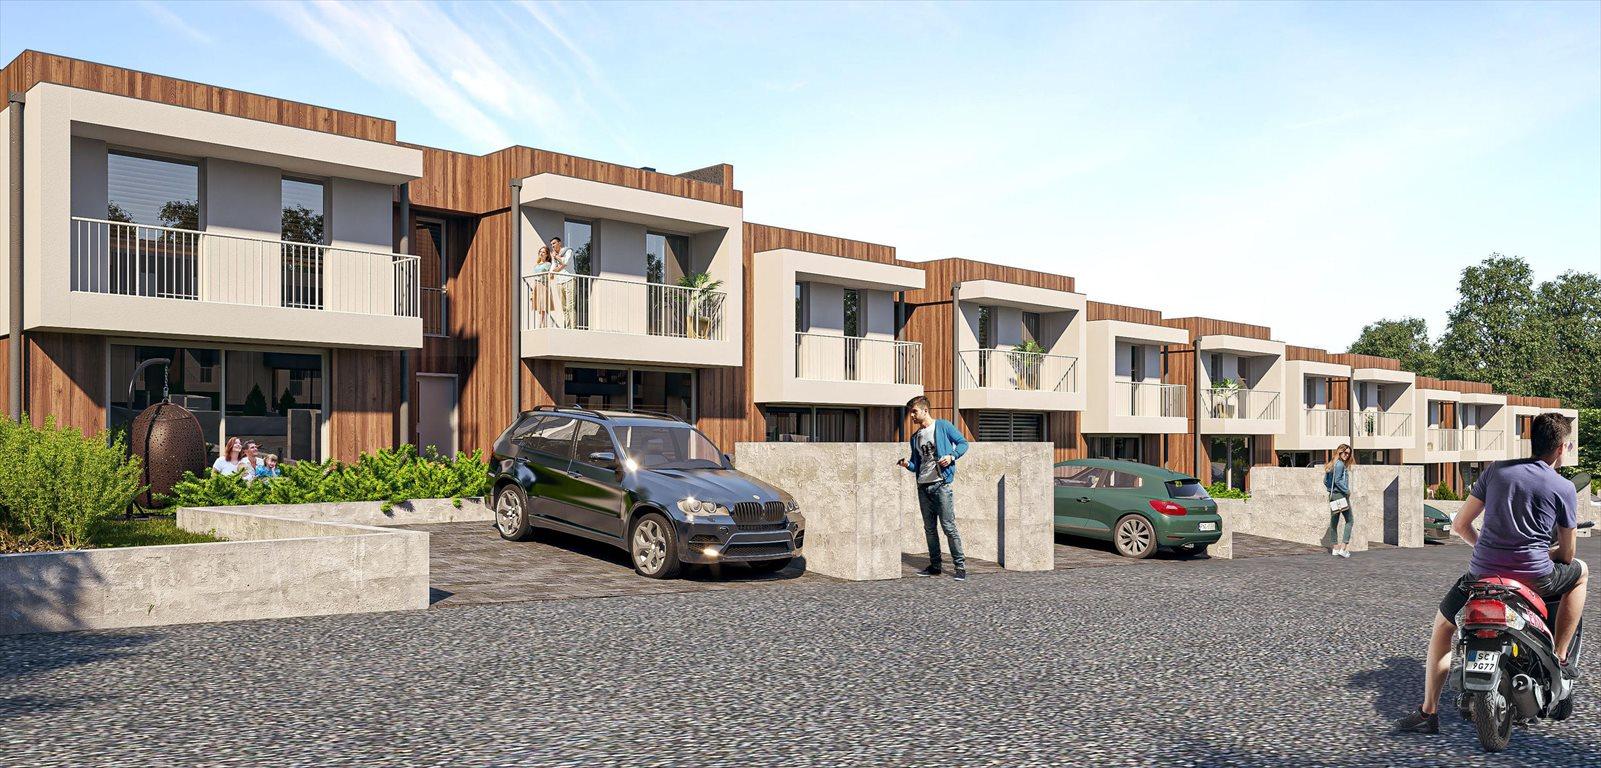 Mieszkanie trzypokojowe na sprzedaż Białystok, Bagnówka, ul. Józefa Karola Puchalskiego  64m2 Foto 3